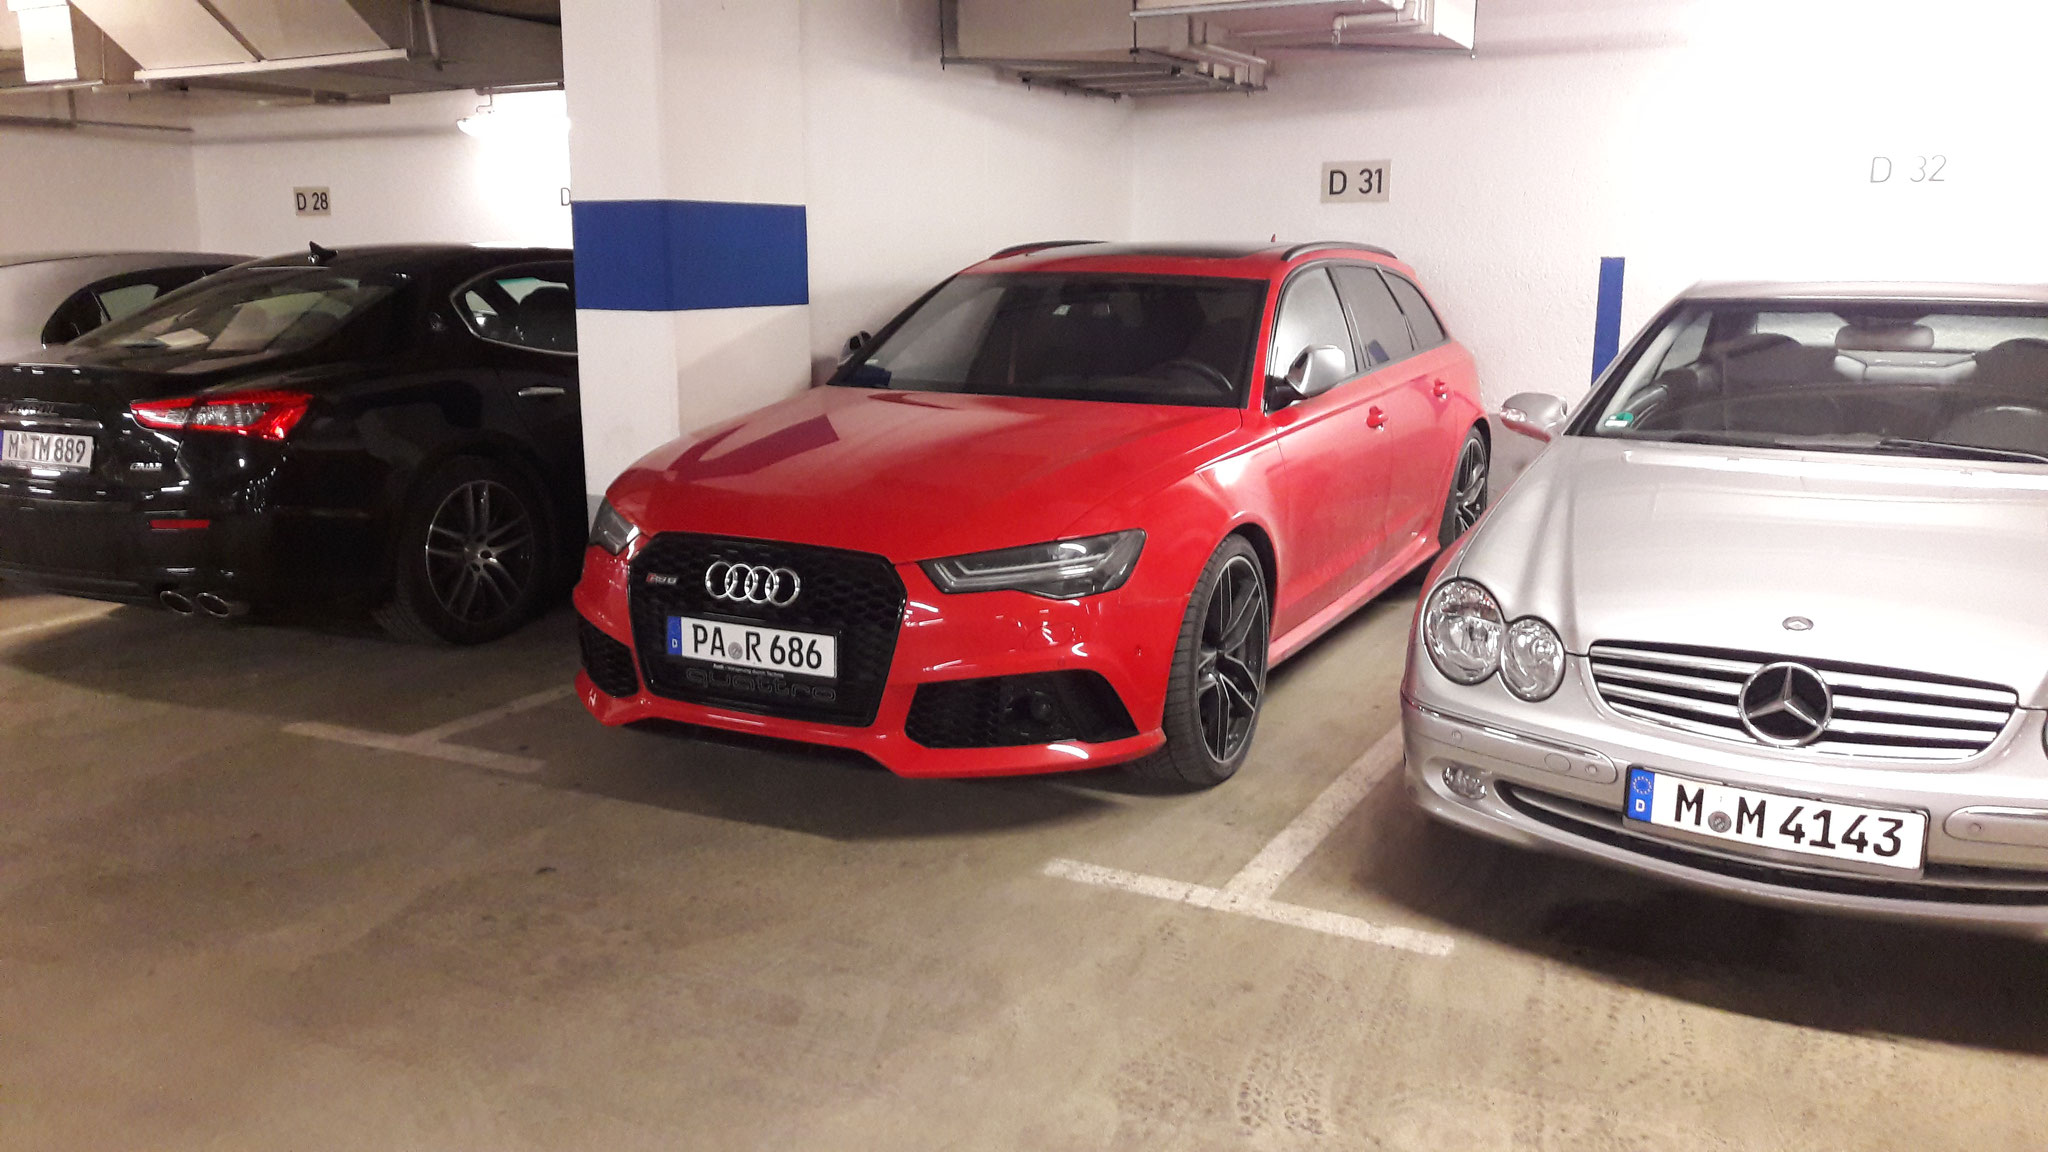 Audi RS6 - PA-R-686